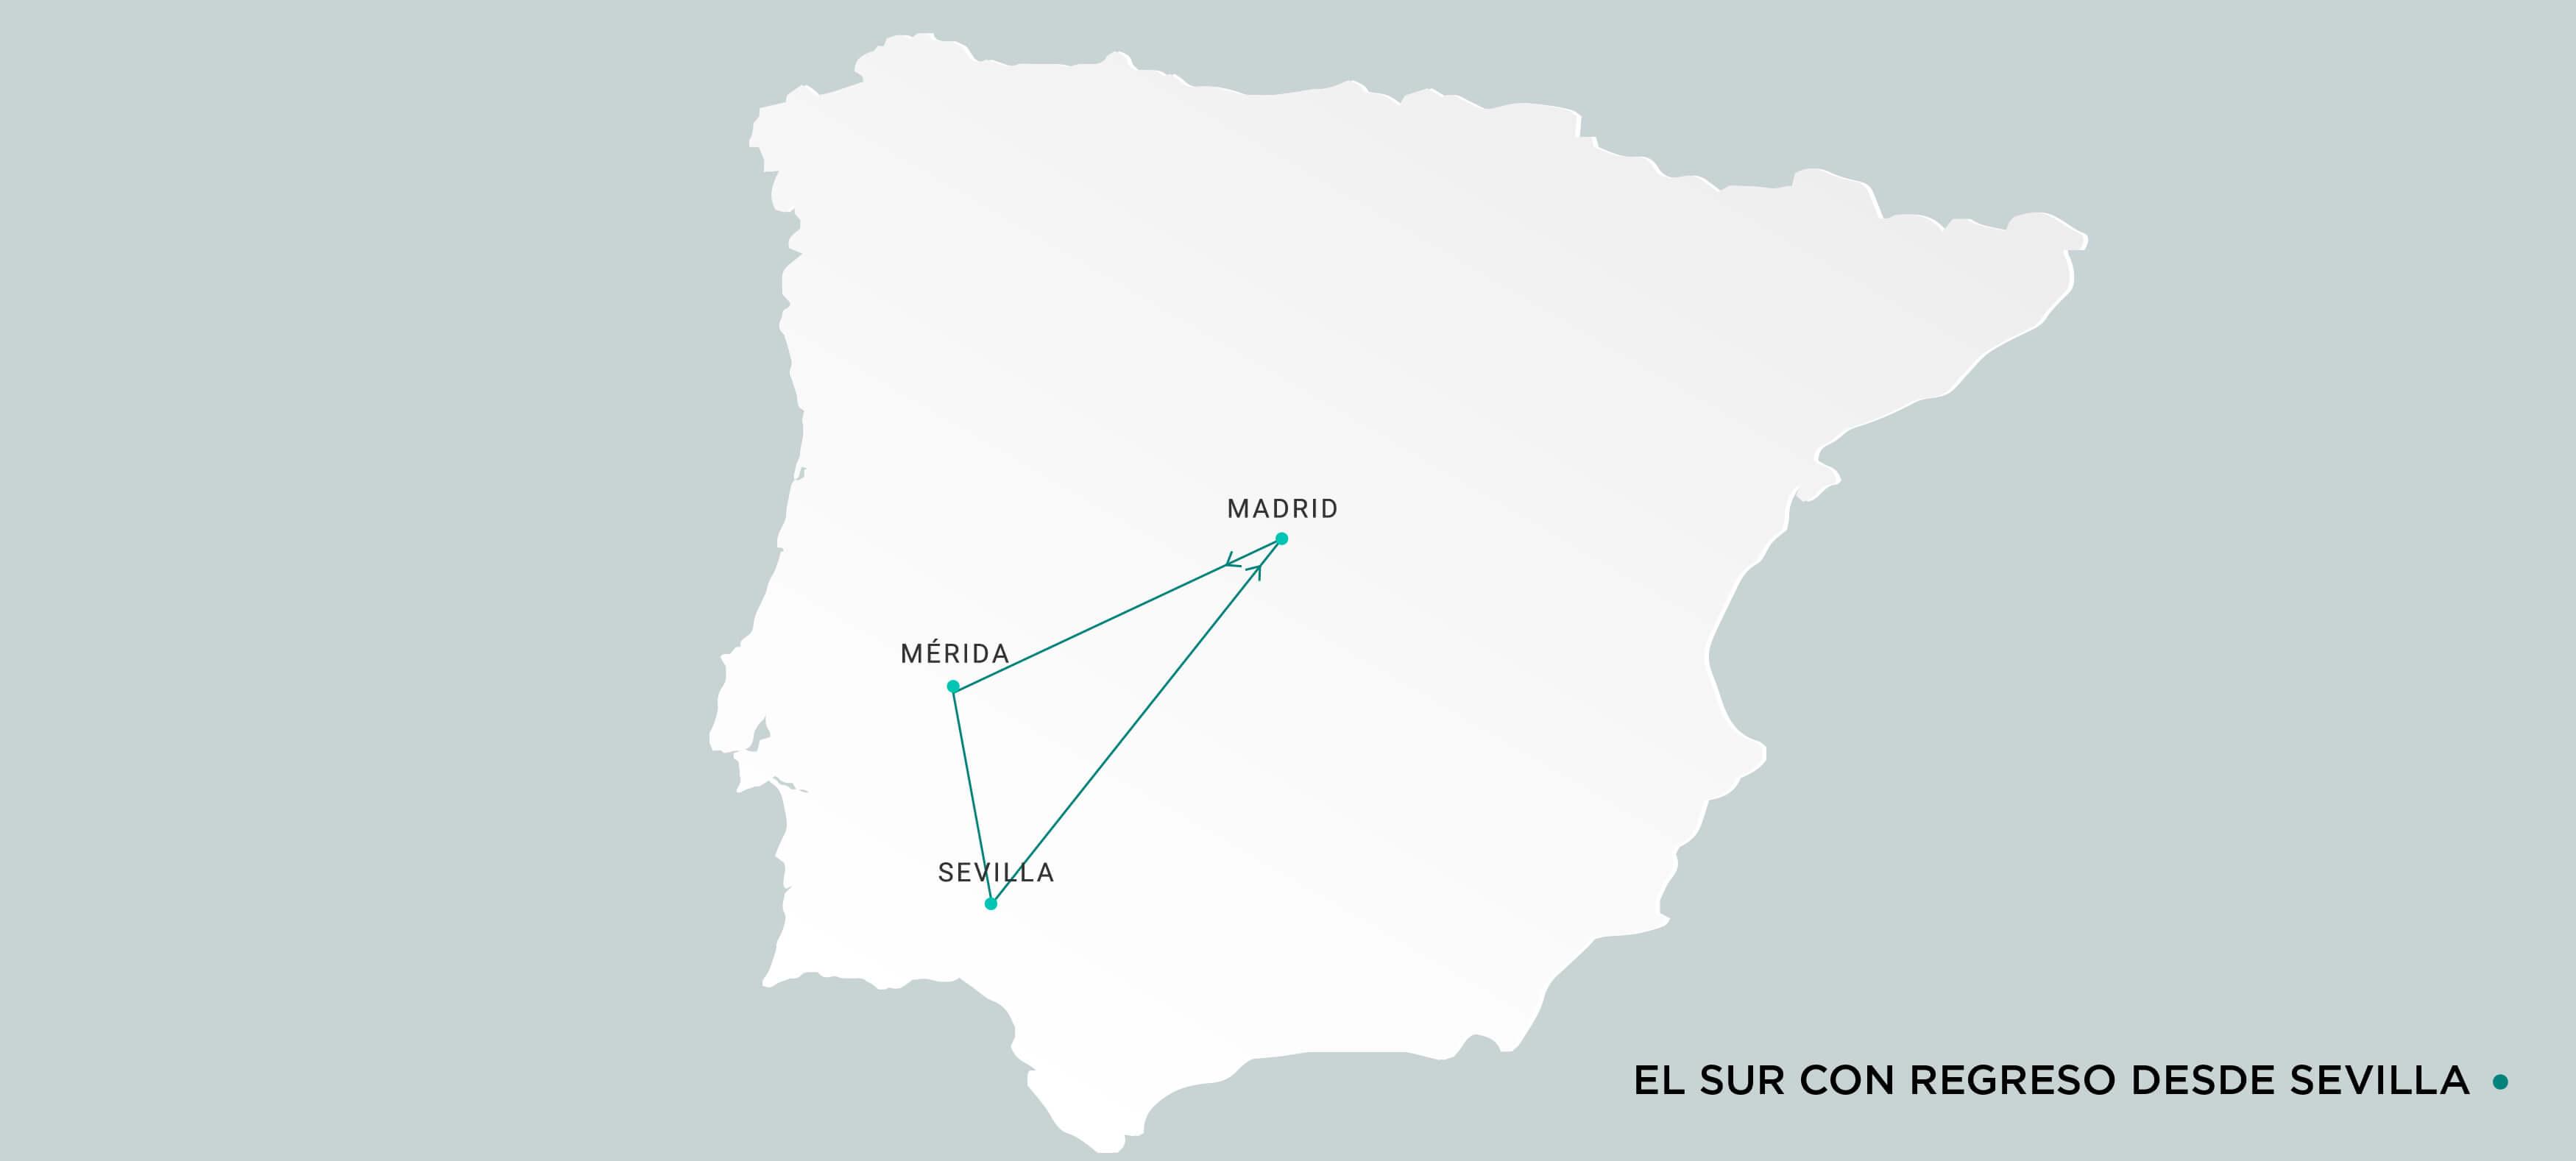 El sur con regreso desde Sevilla